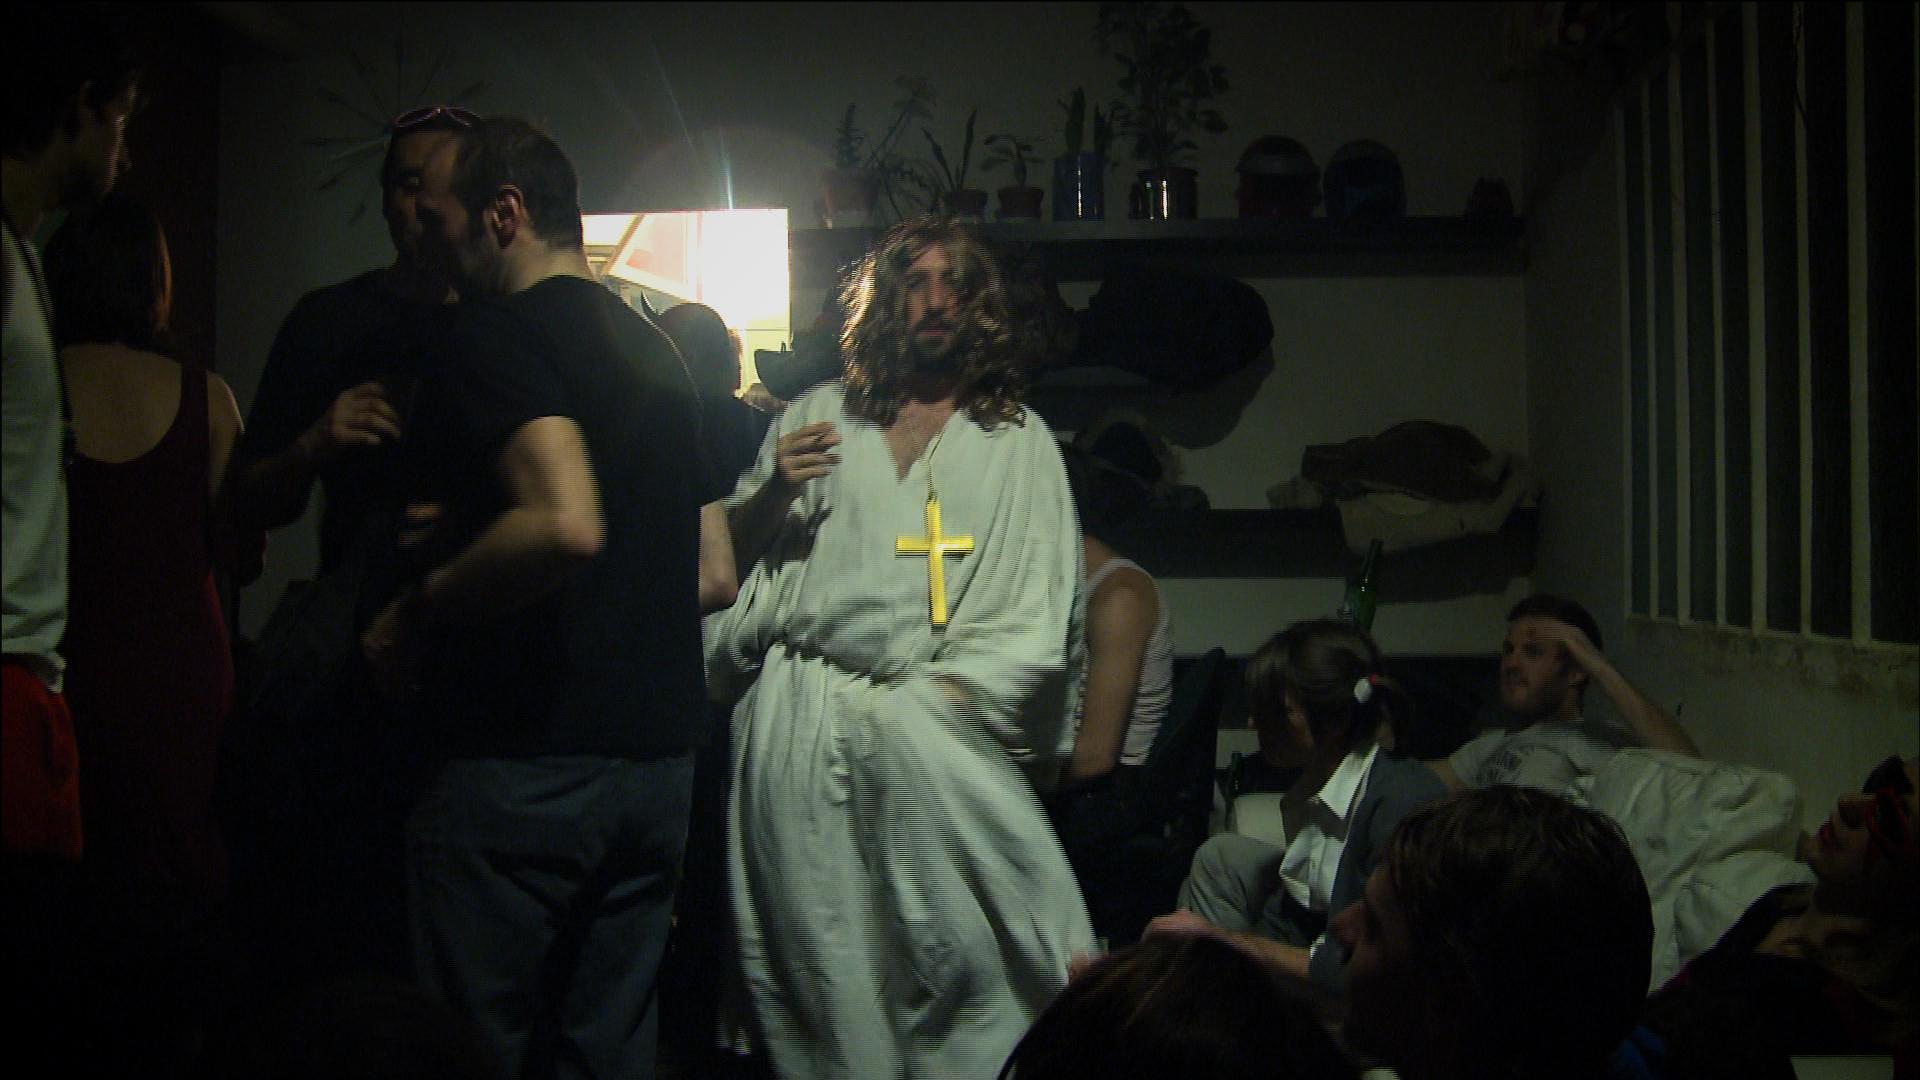 La Nuit 01 – J. Selleron – Lux Fugit Films